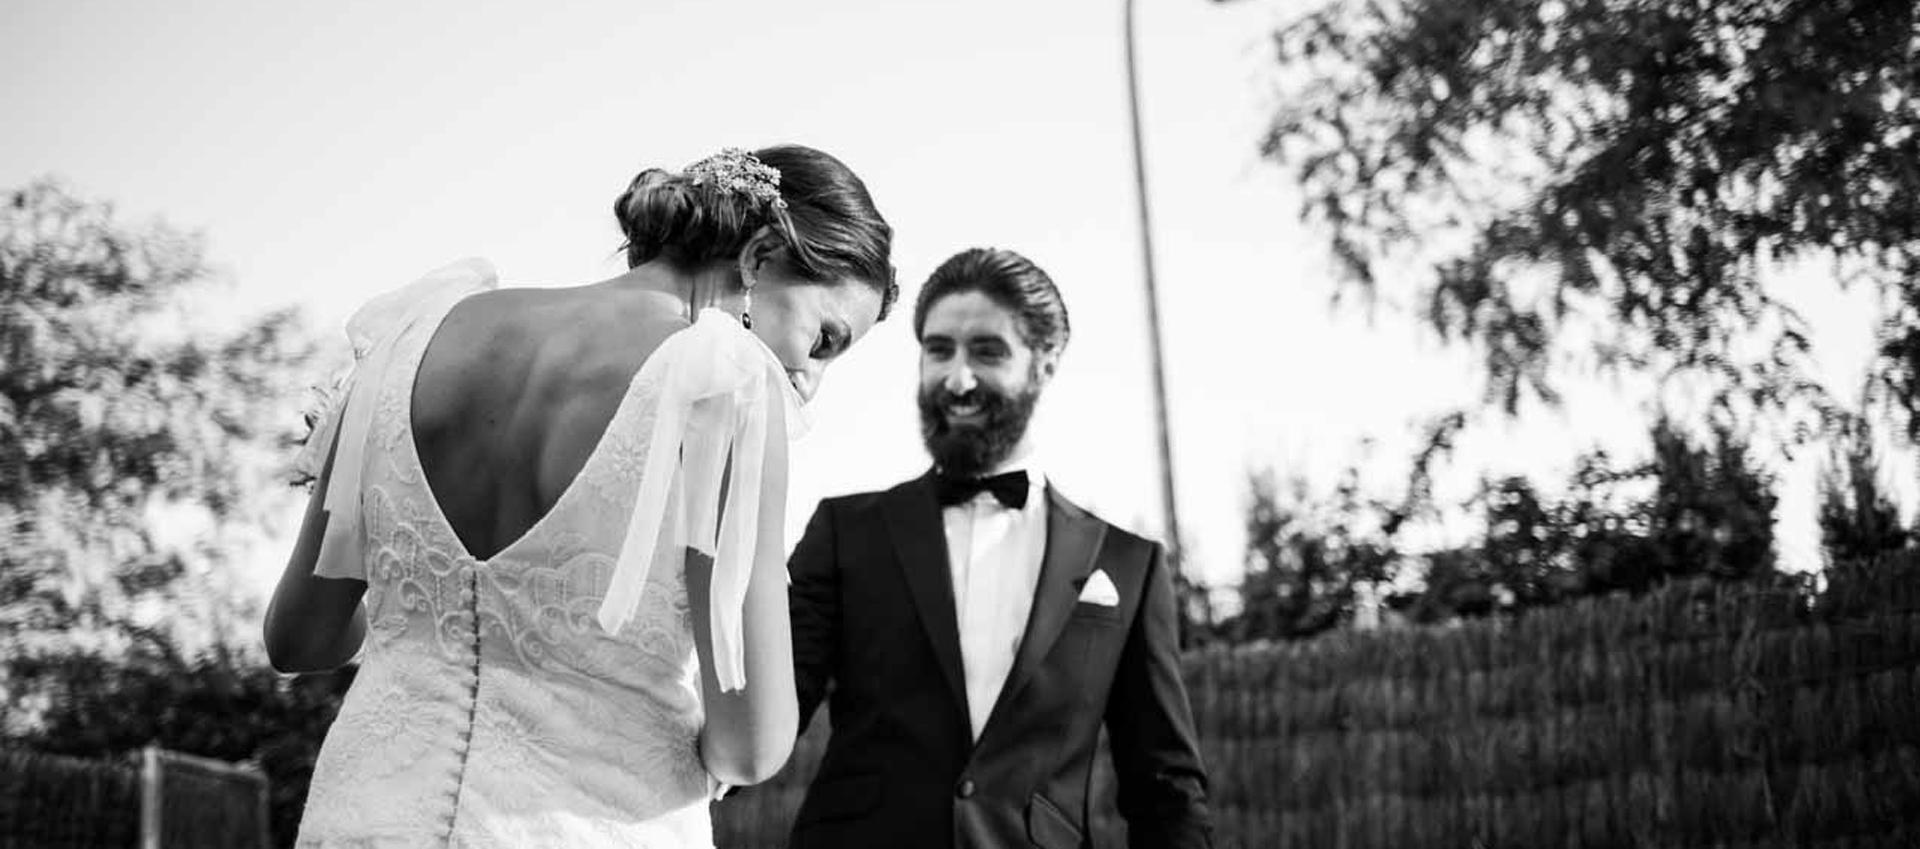 IMAGEN-DESTACADA-ELENA-Y-PEDRO Back to the Wedding - video boda cadiz